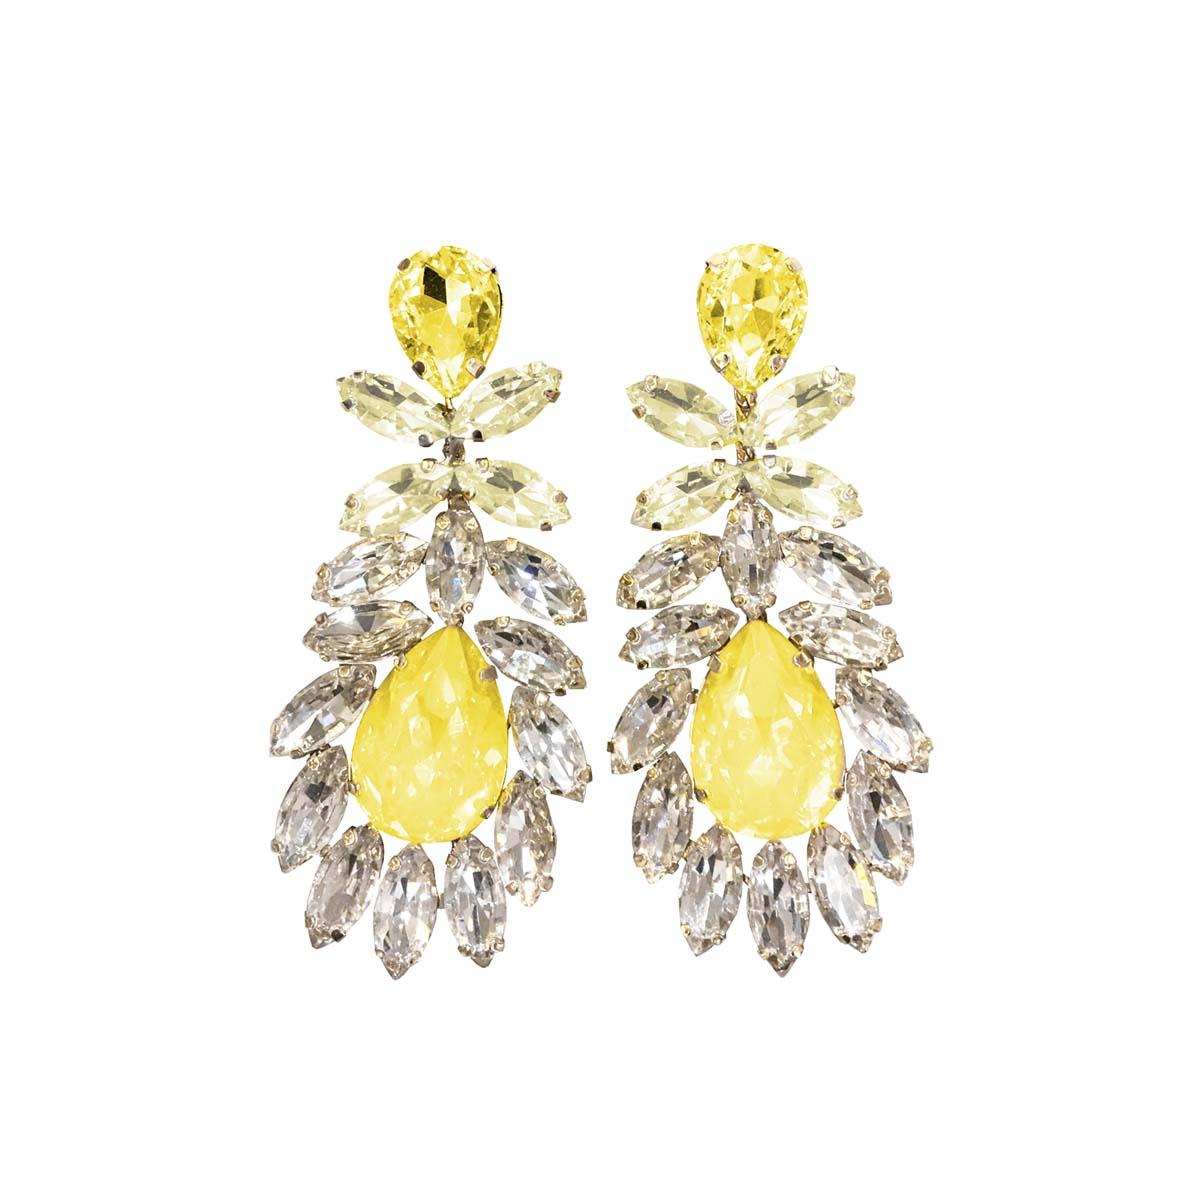 Teria Yabar - Pendientes de fiesta con cristales amarillos